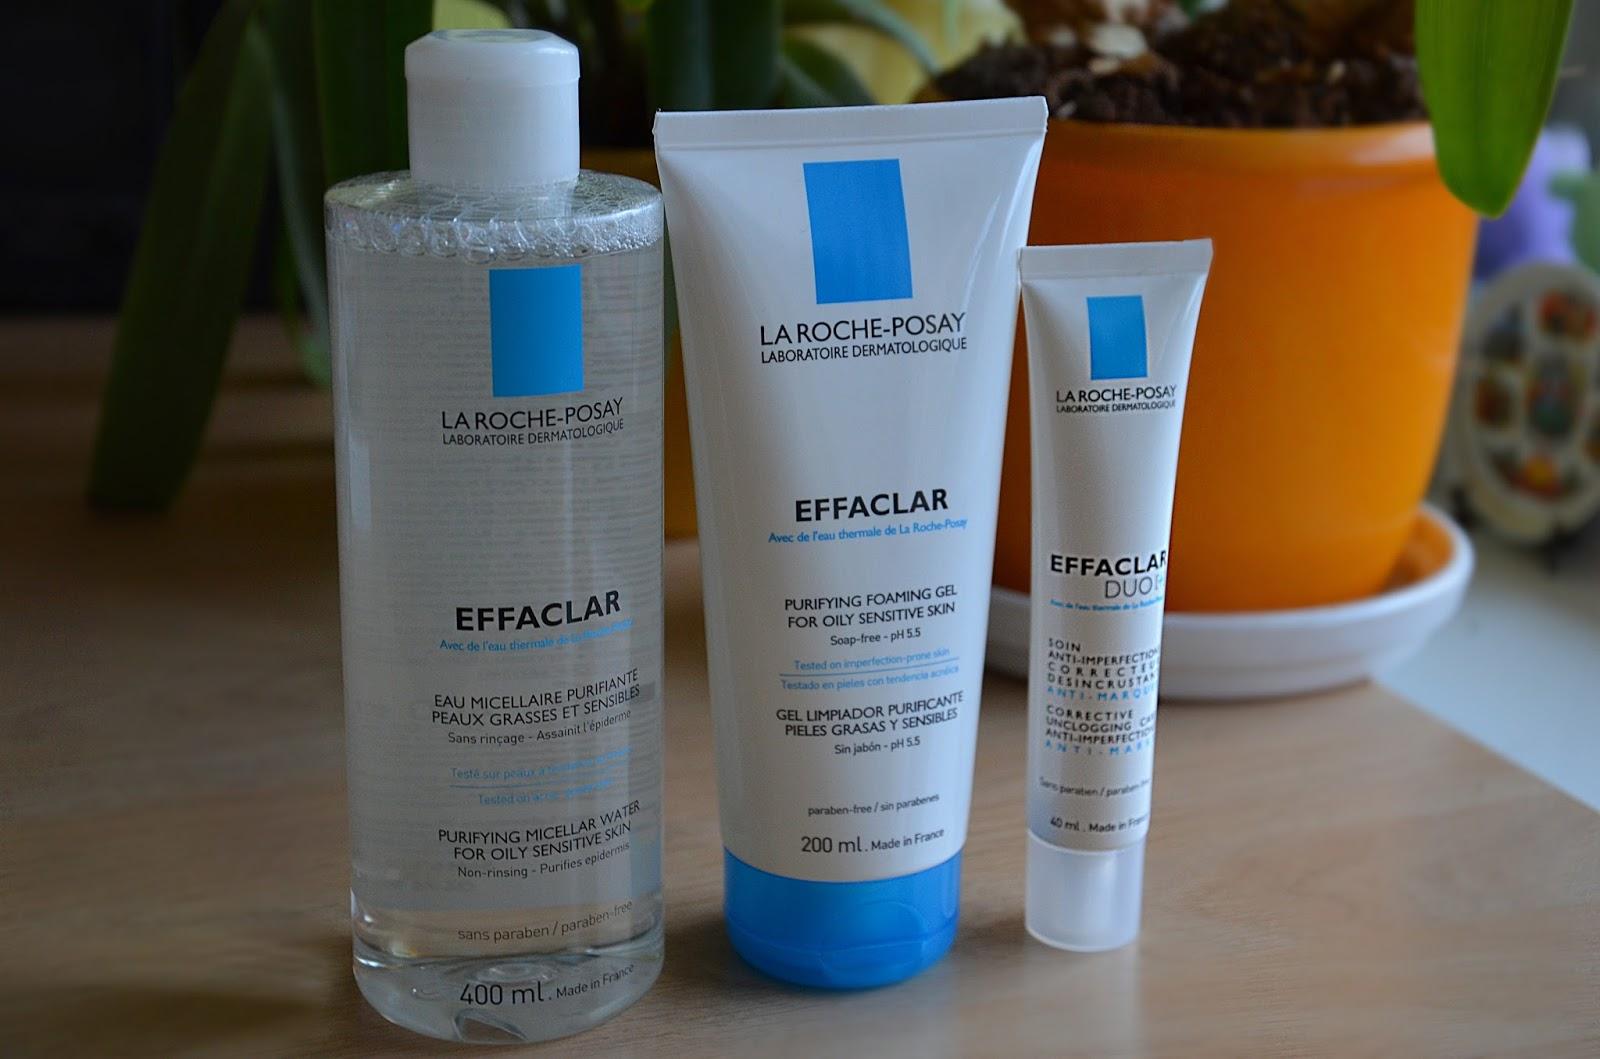 На рынке существует множество подходящих косметических средств для борьбы против проблем кожи